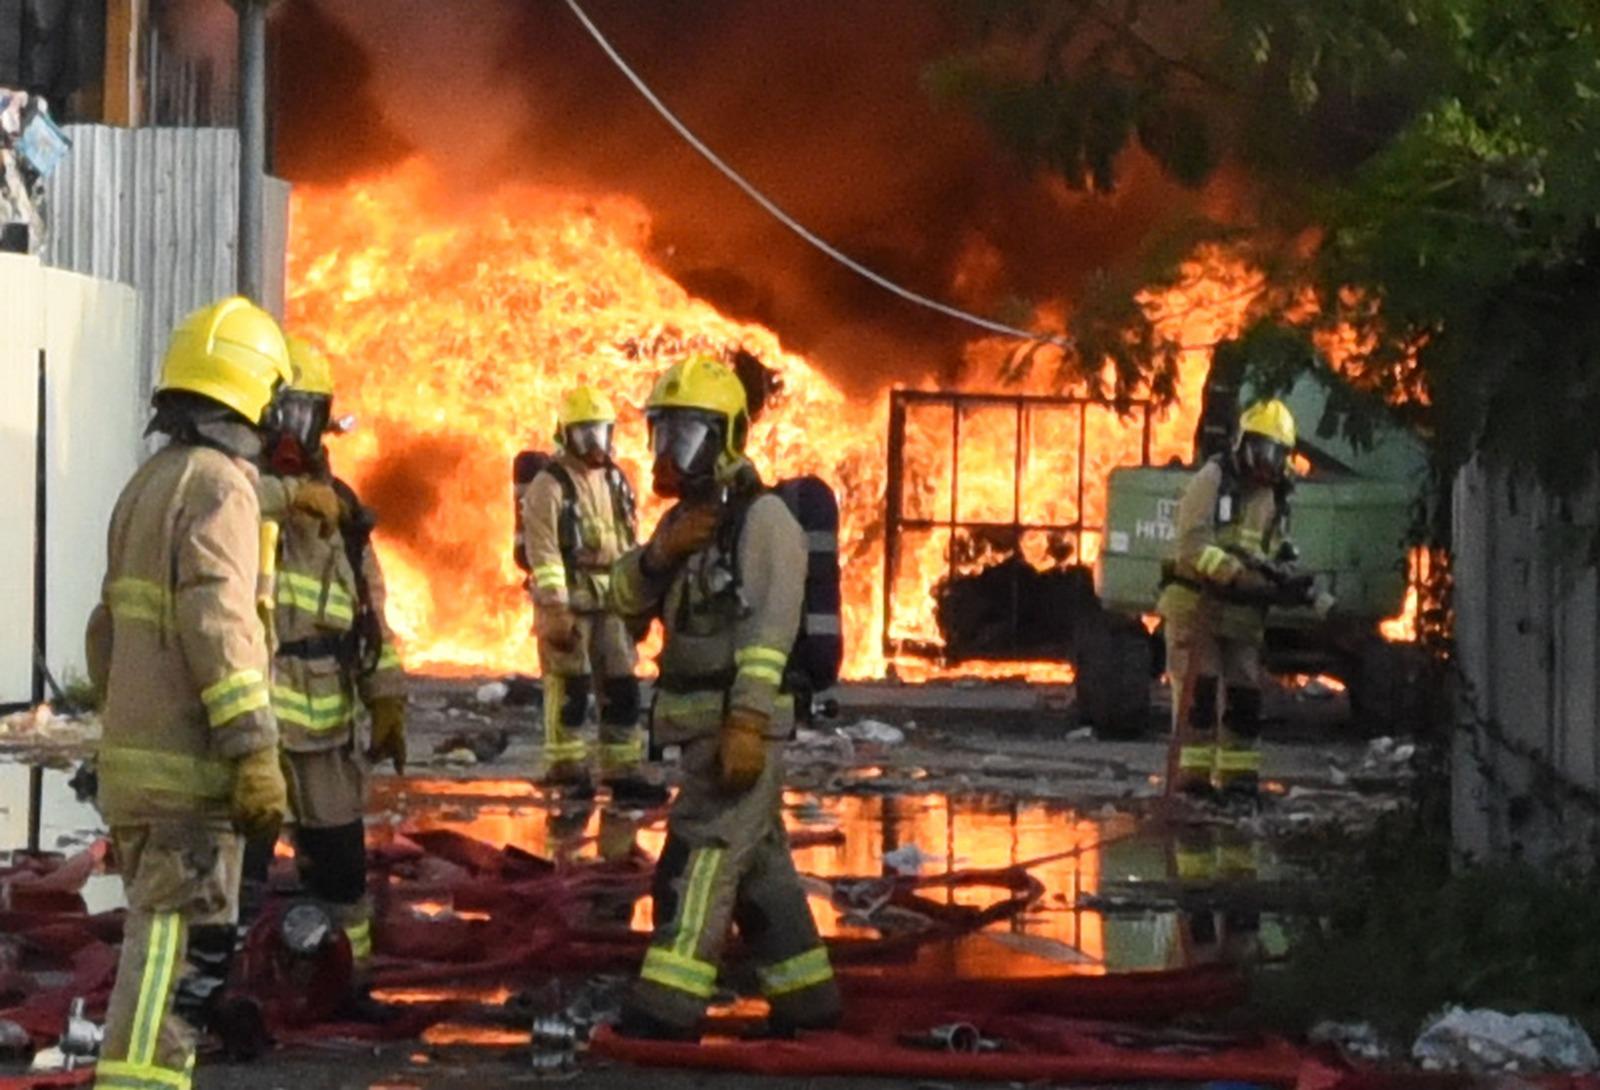 在危難面前,消防人員總是走在最前線,奮不顧身救人。